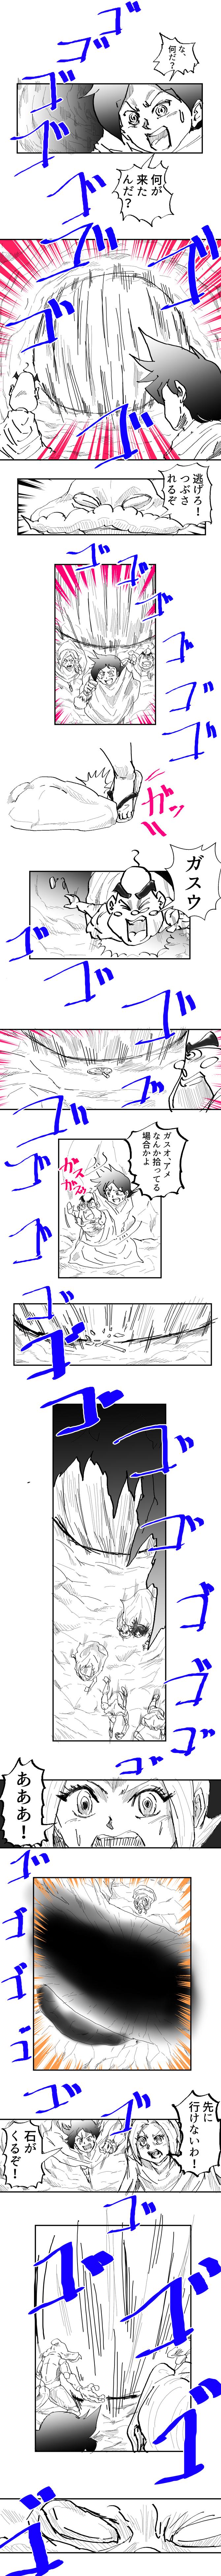 漫画「変身ドクロイド~月世界大戦争編」24話